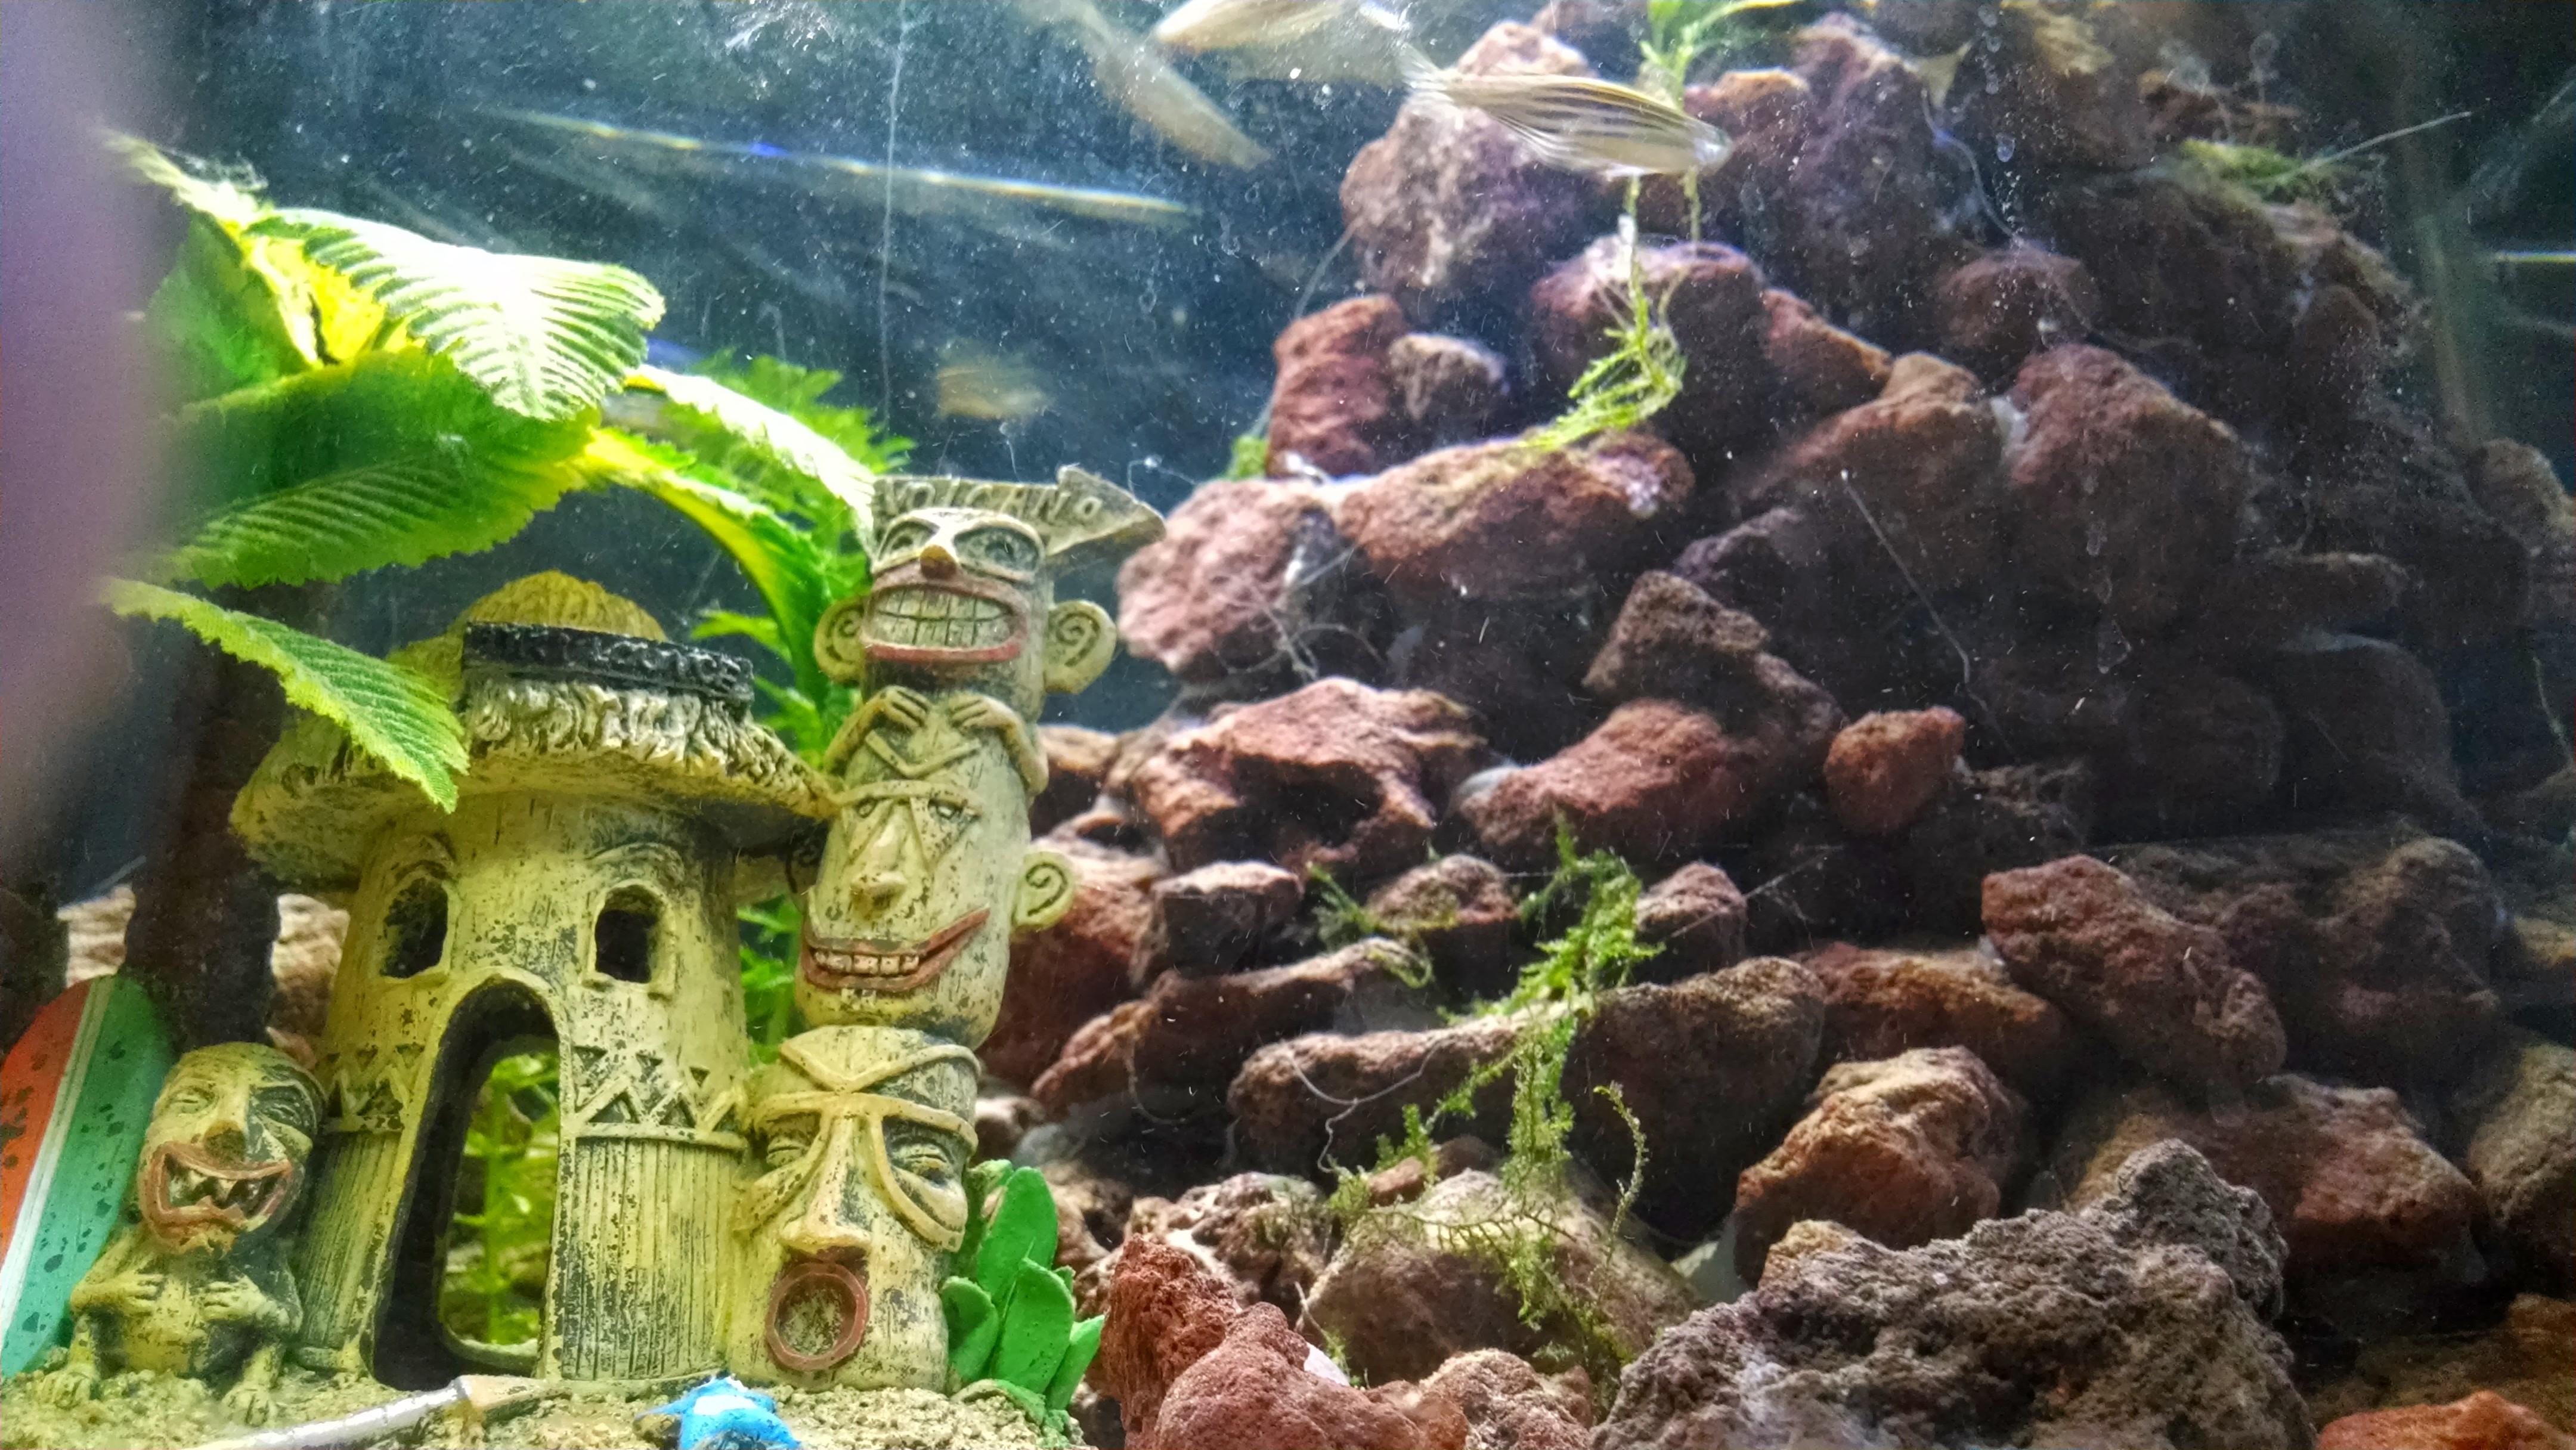 Fish tank volcano - Tiki Hut Volcano 10 Gallon